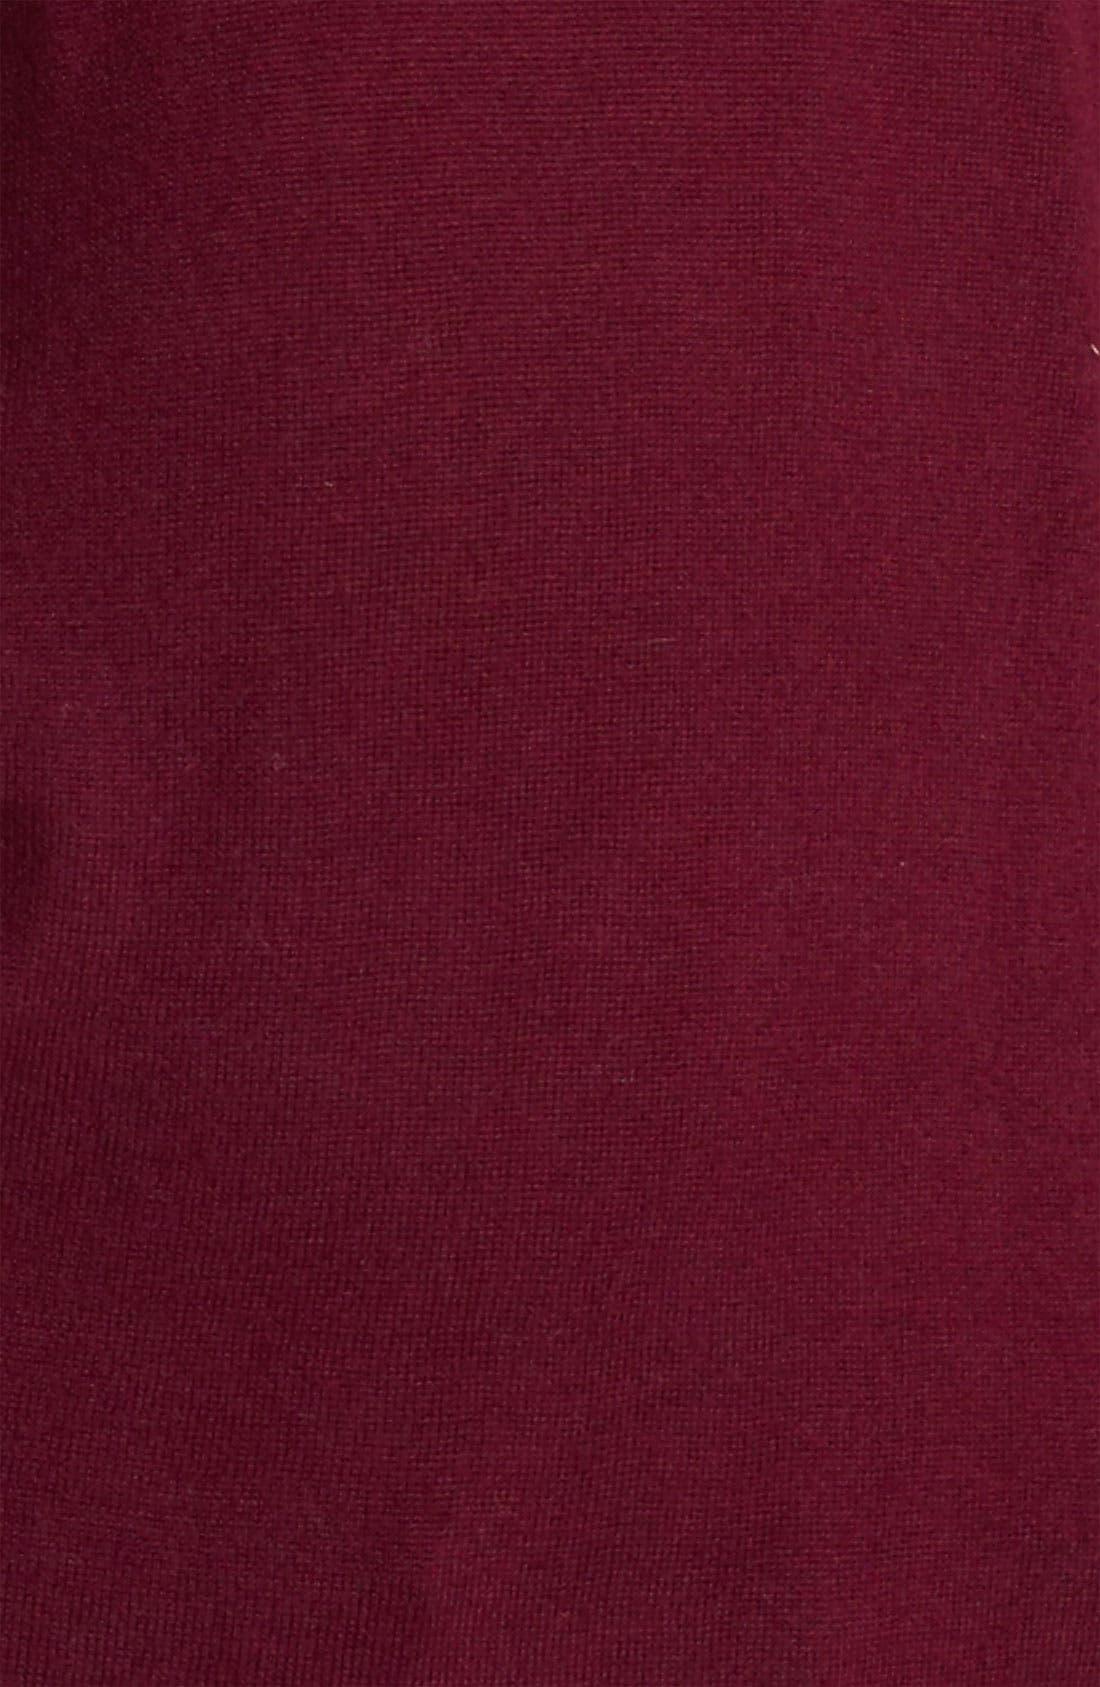 Alternate Image 3  - Burberry Brit Merino Wool Sweater